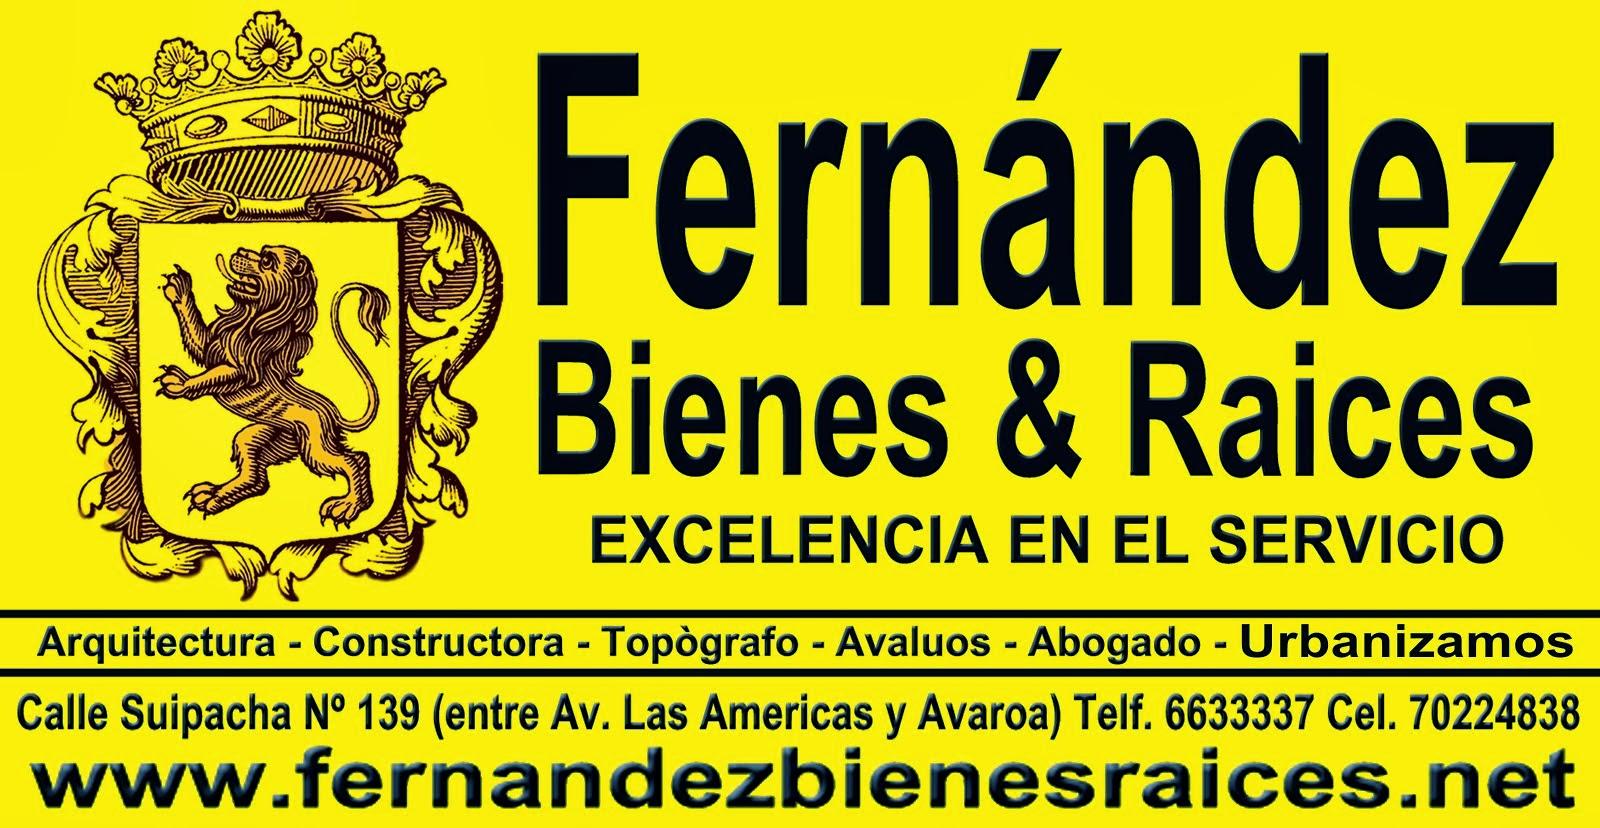 Fernandez Bienes y Raices